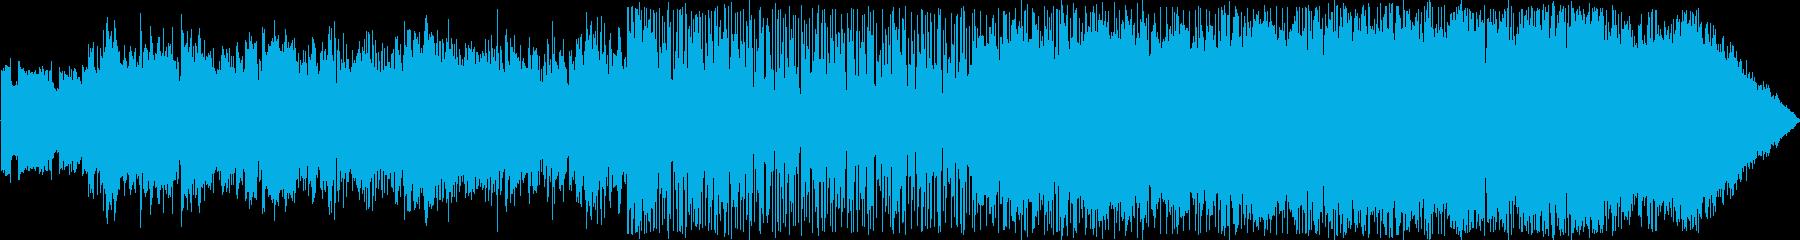 映像シリアスなエレクトロニカダンスビートの再生済みの波形